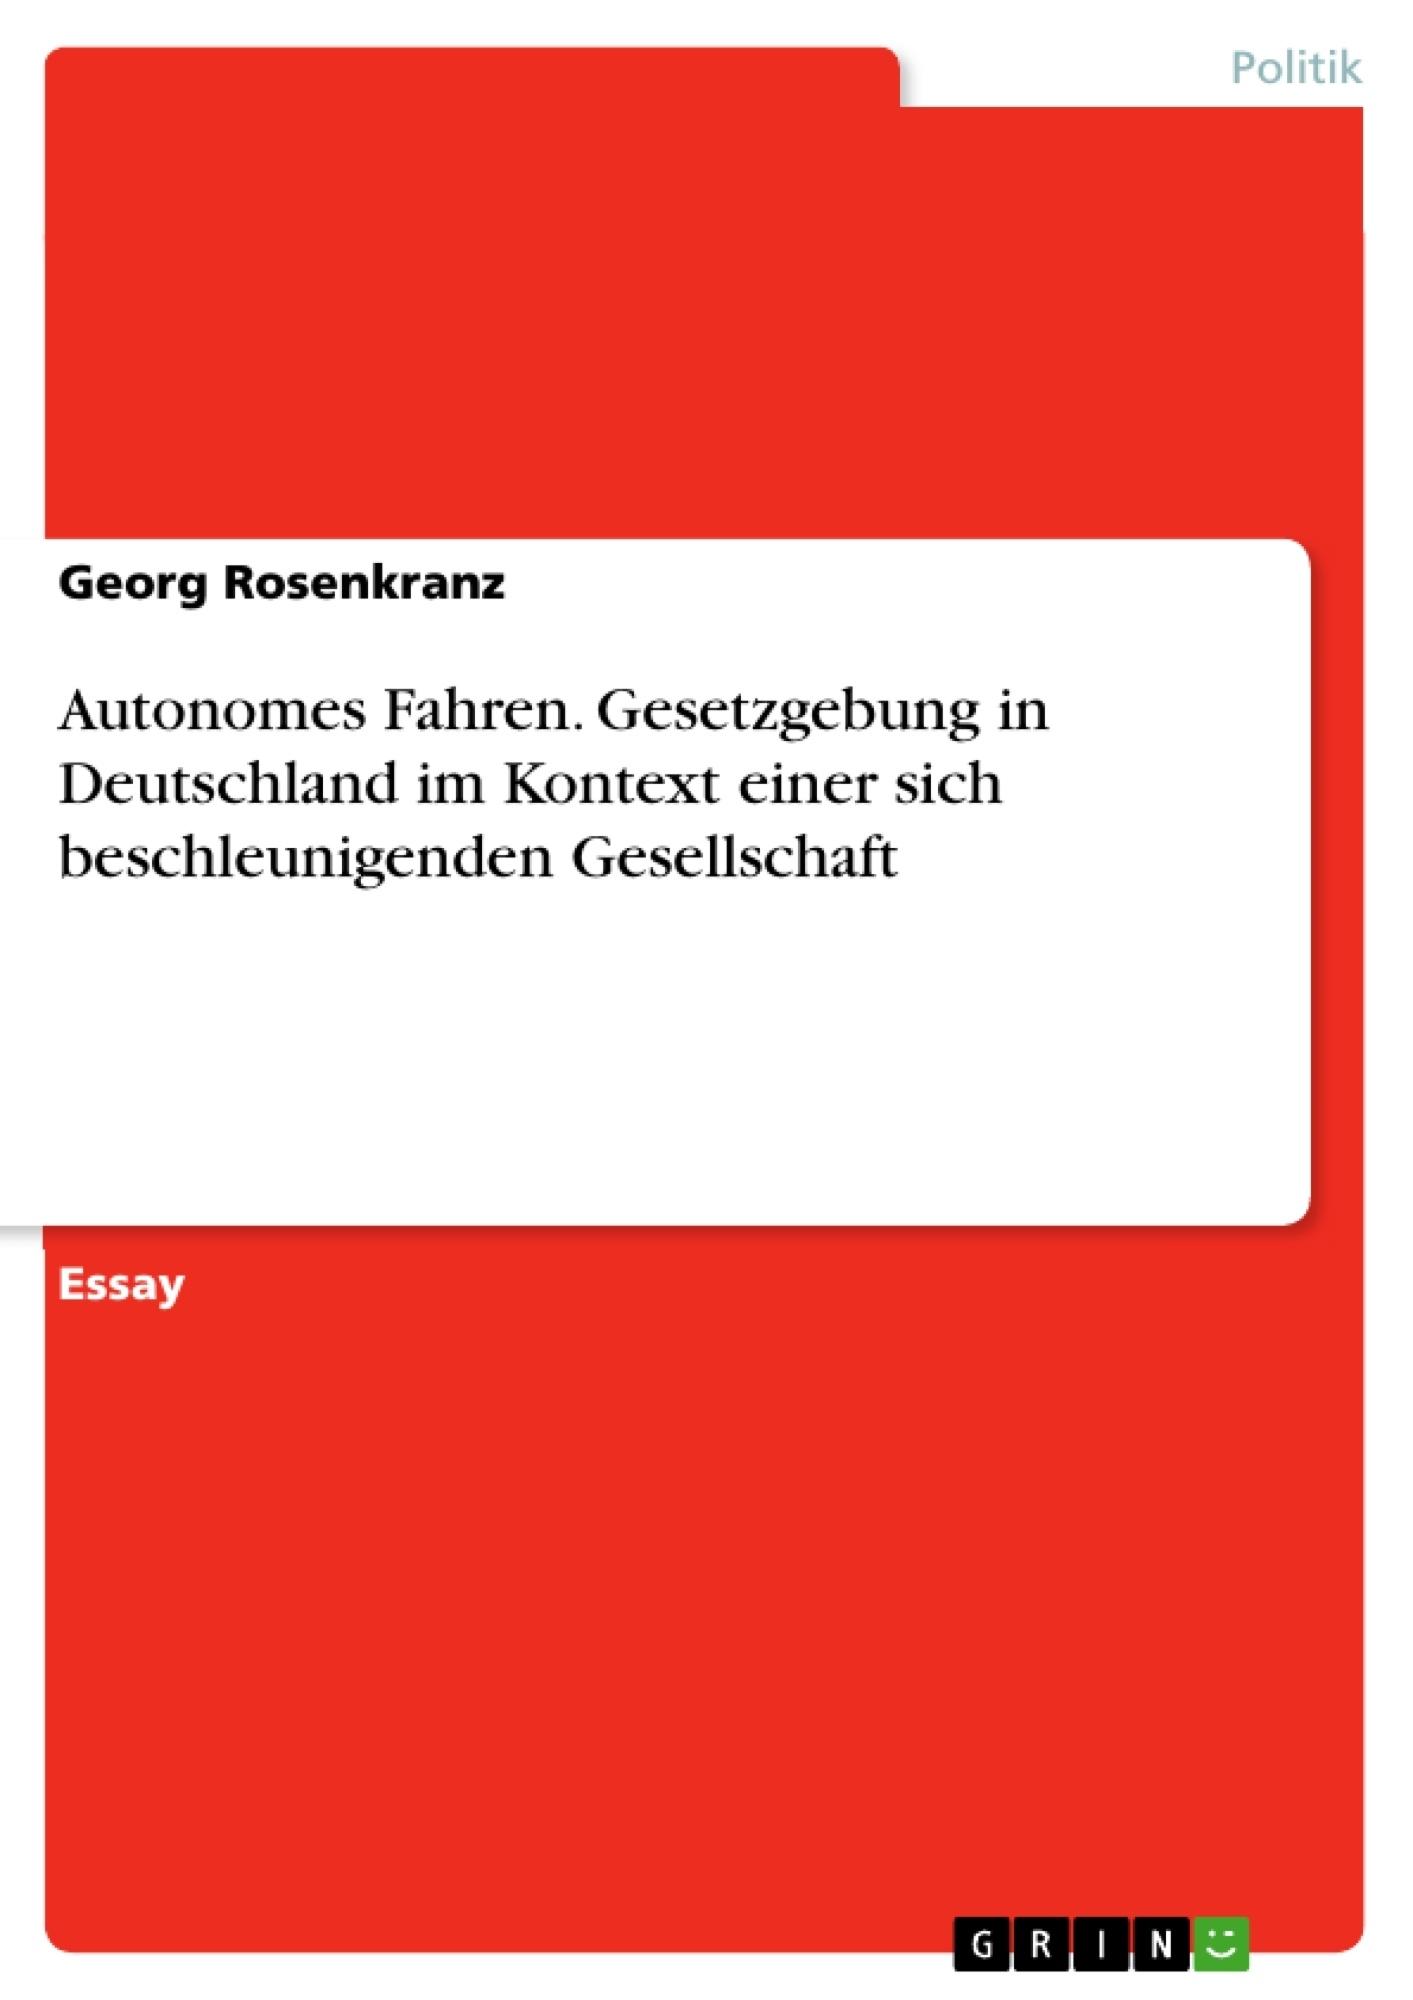 Titel: Autonomes Fahren. Gesetzgebung in Deutschland im Kontext einer sich beschleunigenden Gesellschaft